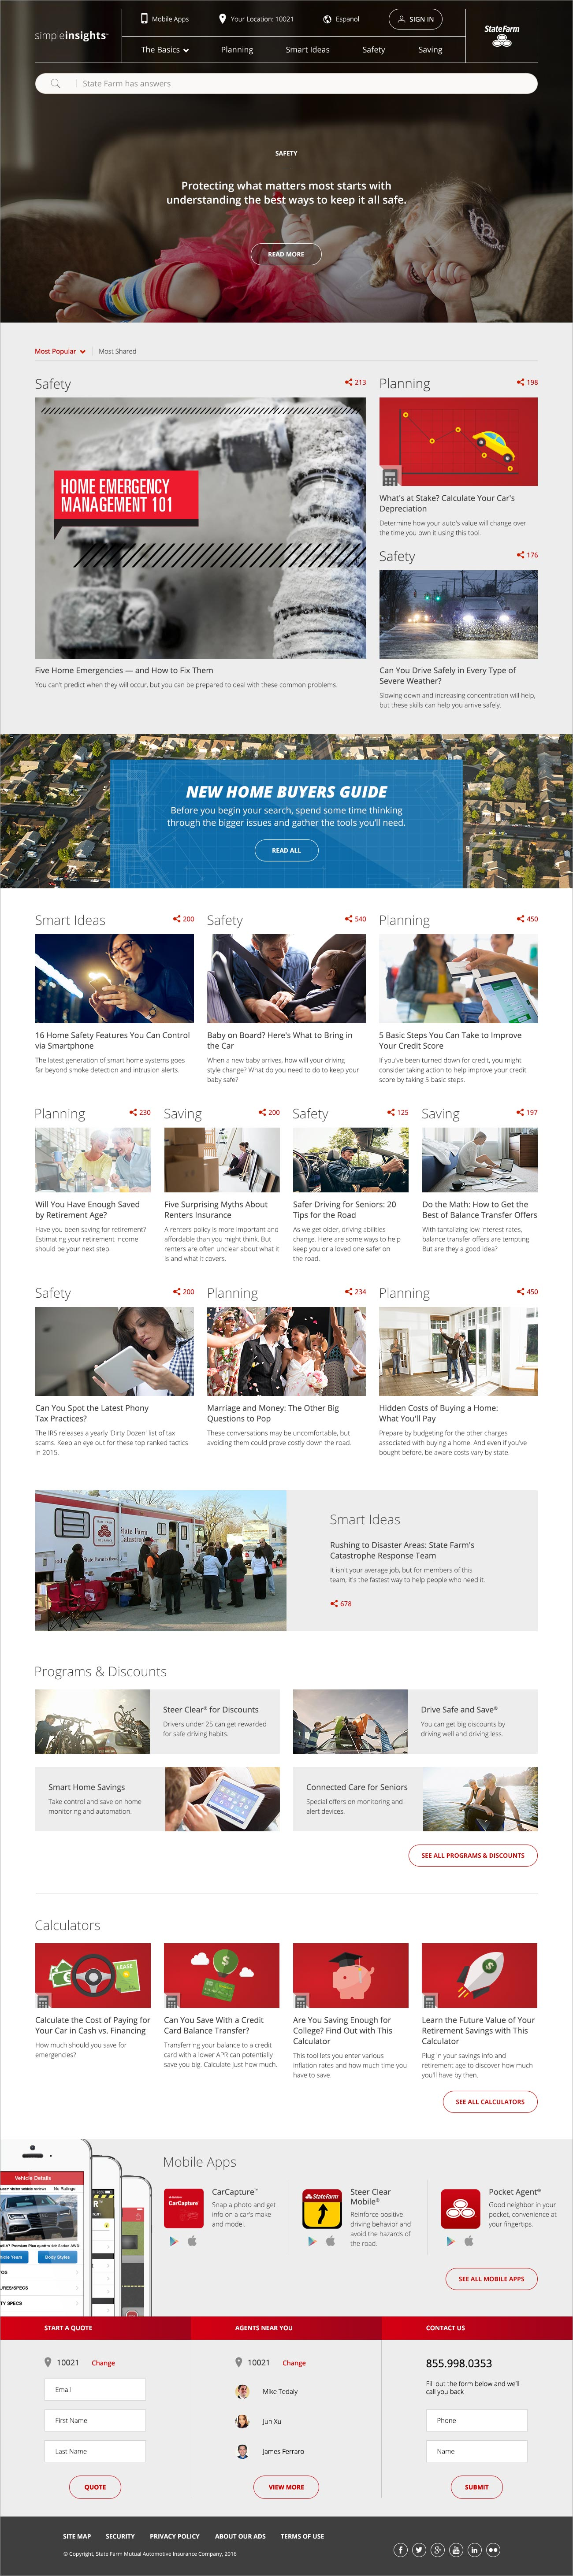 si_homepage_desktop_2.jpg